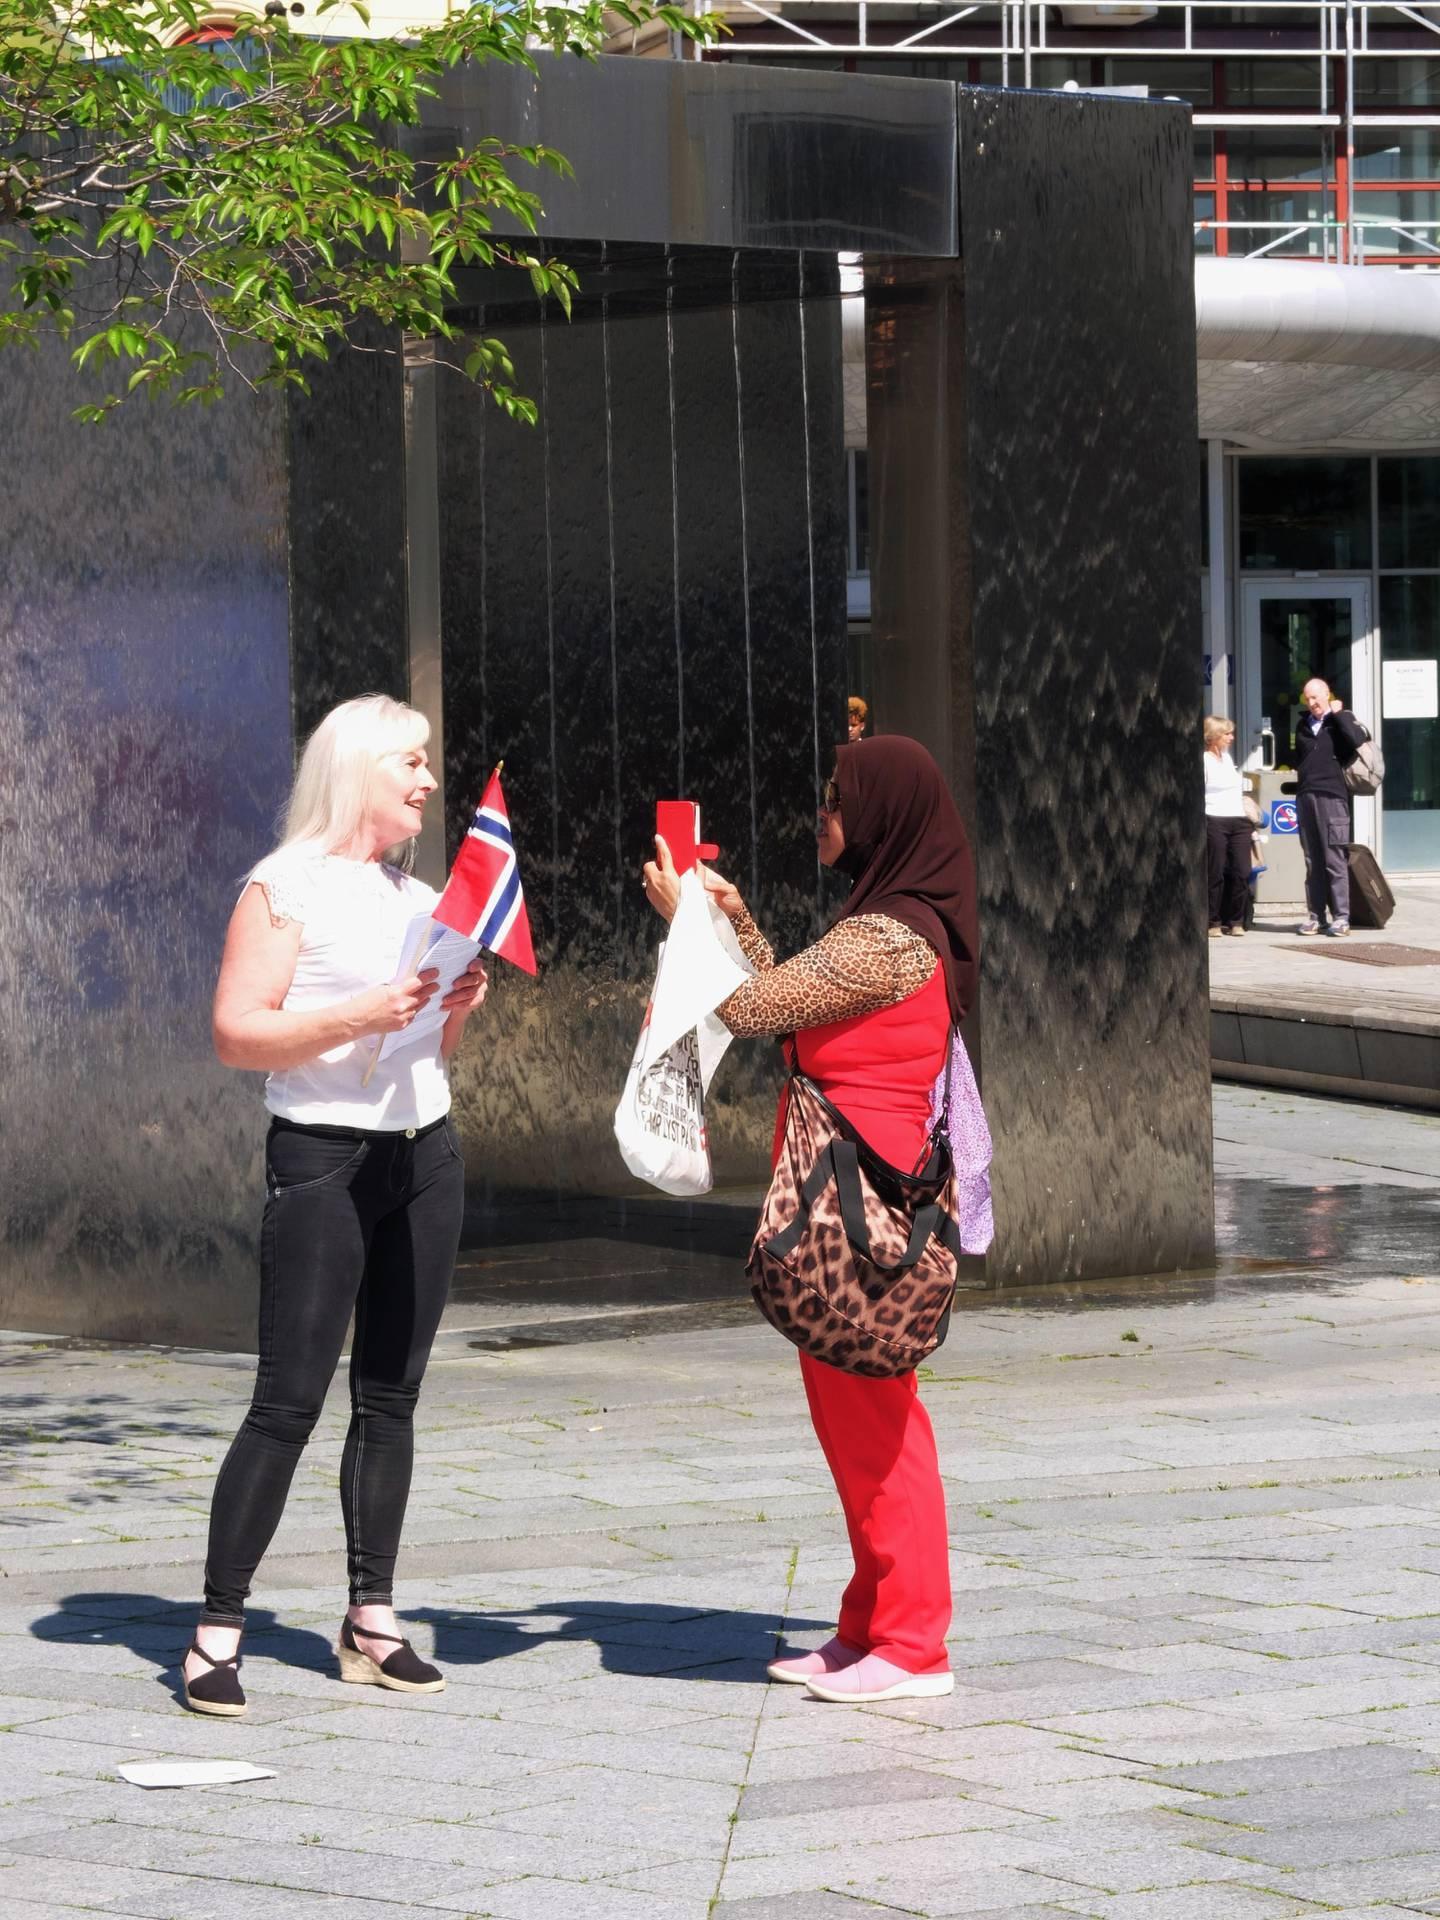 Anna Bråten deler ut flyere med SIANS budskap. Det settes ikke særlig pris på av forbipasserende som denne kvinnen i hijab, og diskusjonen blir raskt opphetet. FOTO: KATRINE STRØM